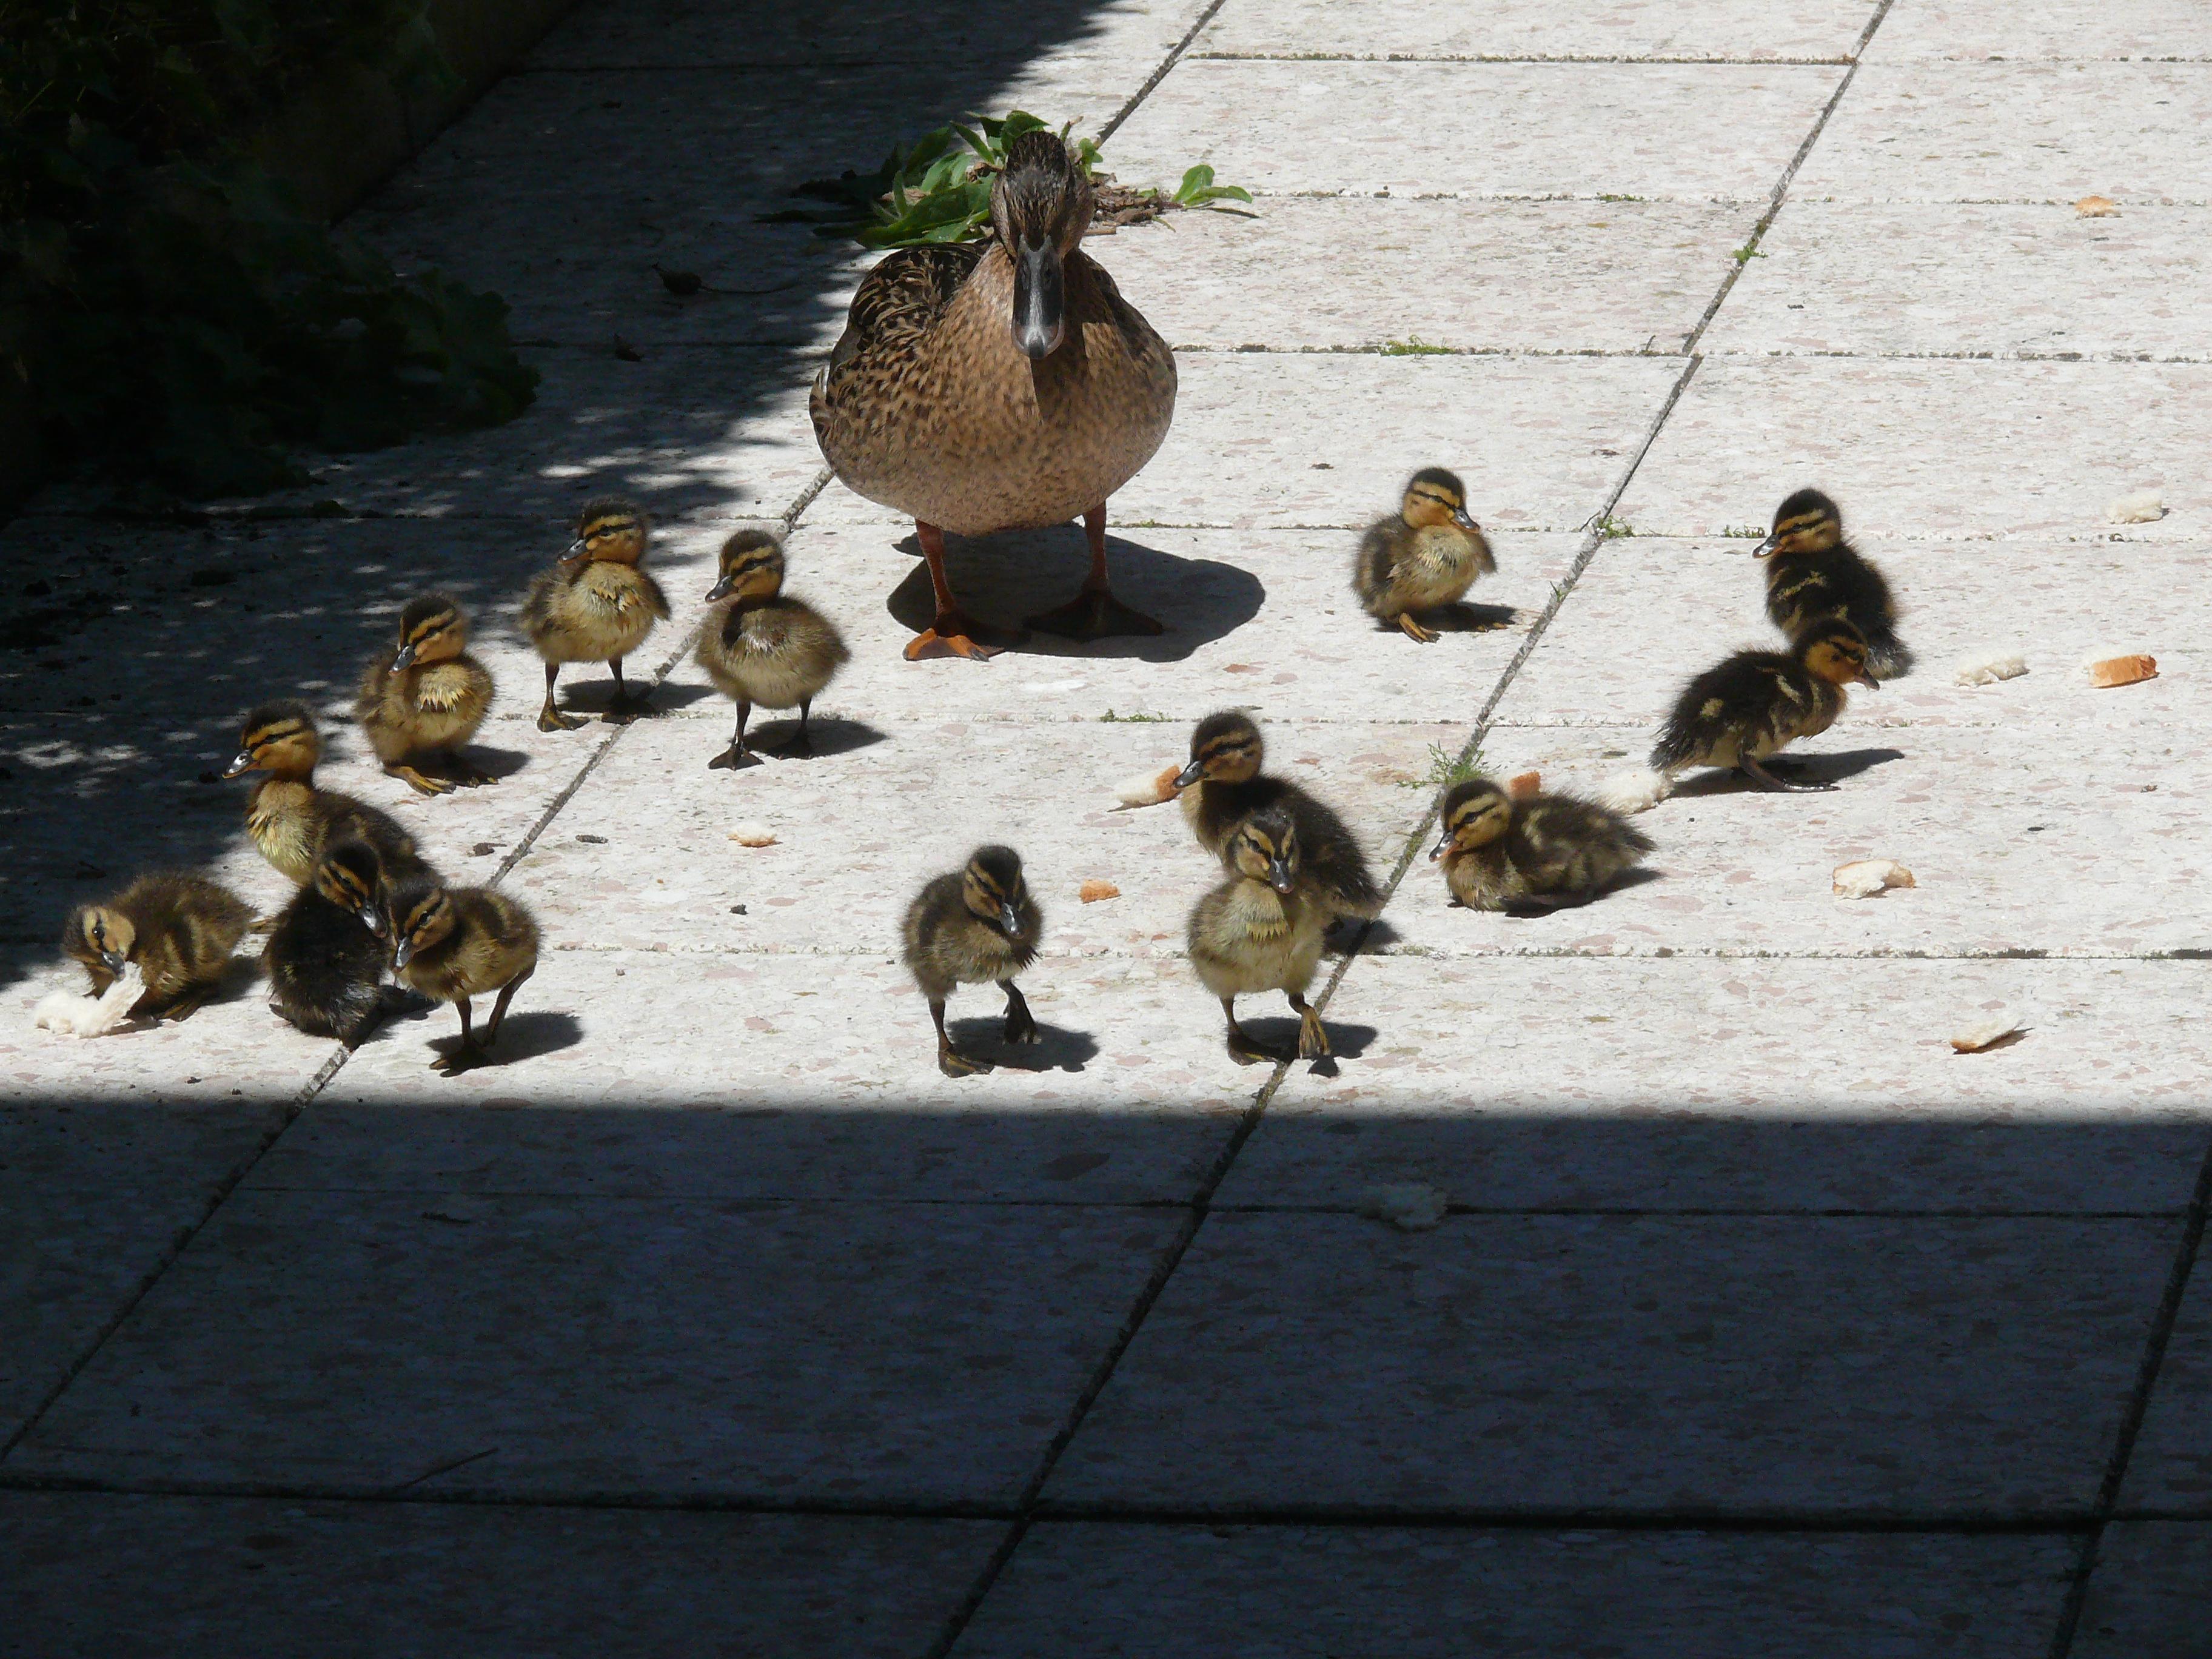 14 kleine eendjes in de vijver weerspiegelingen 39 s blog - Alle tuin ...